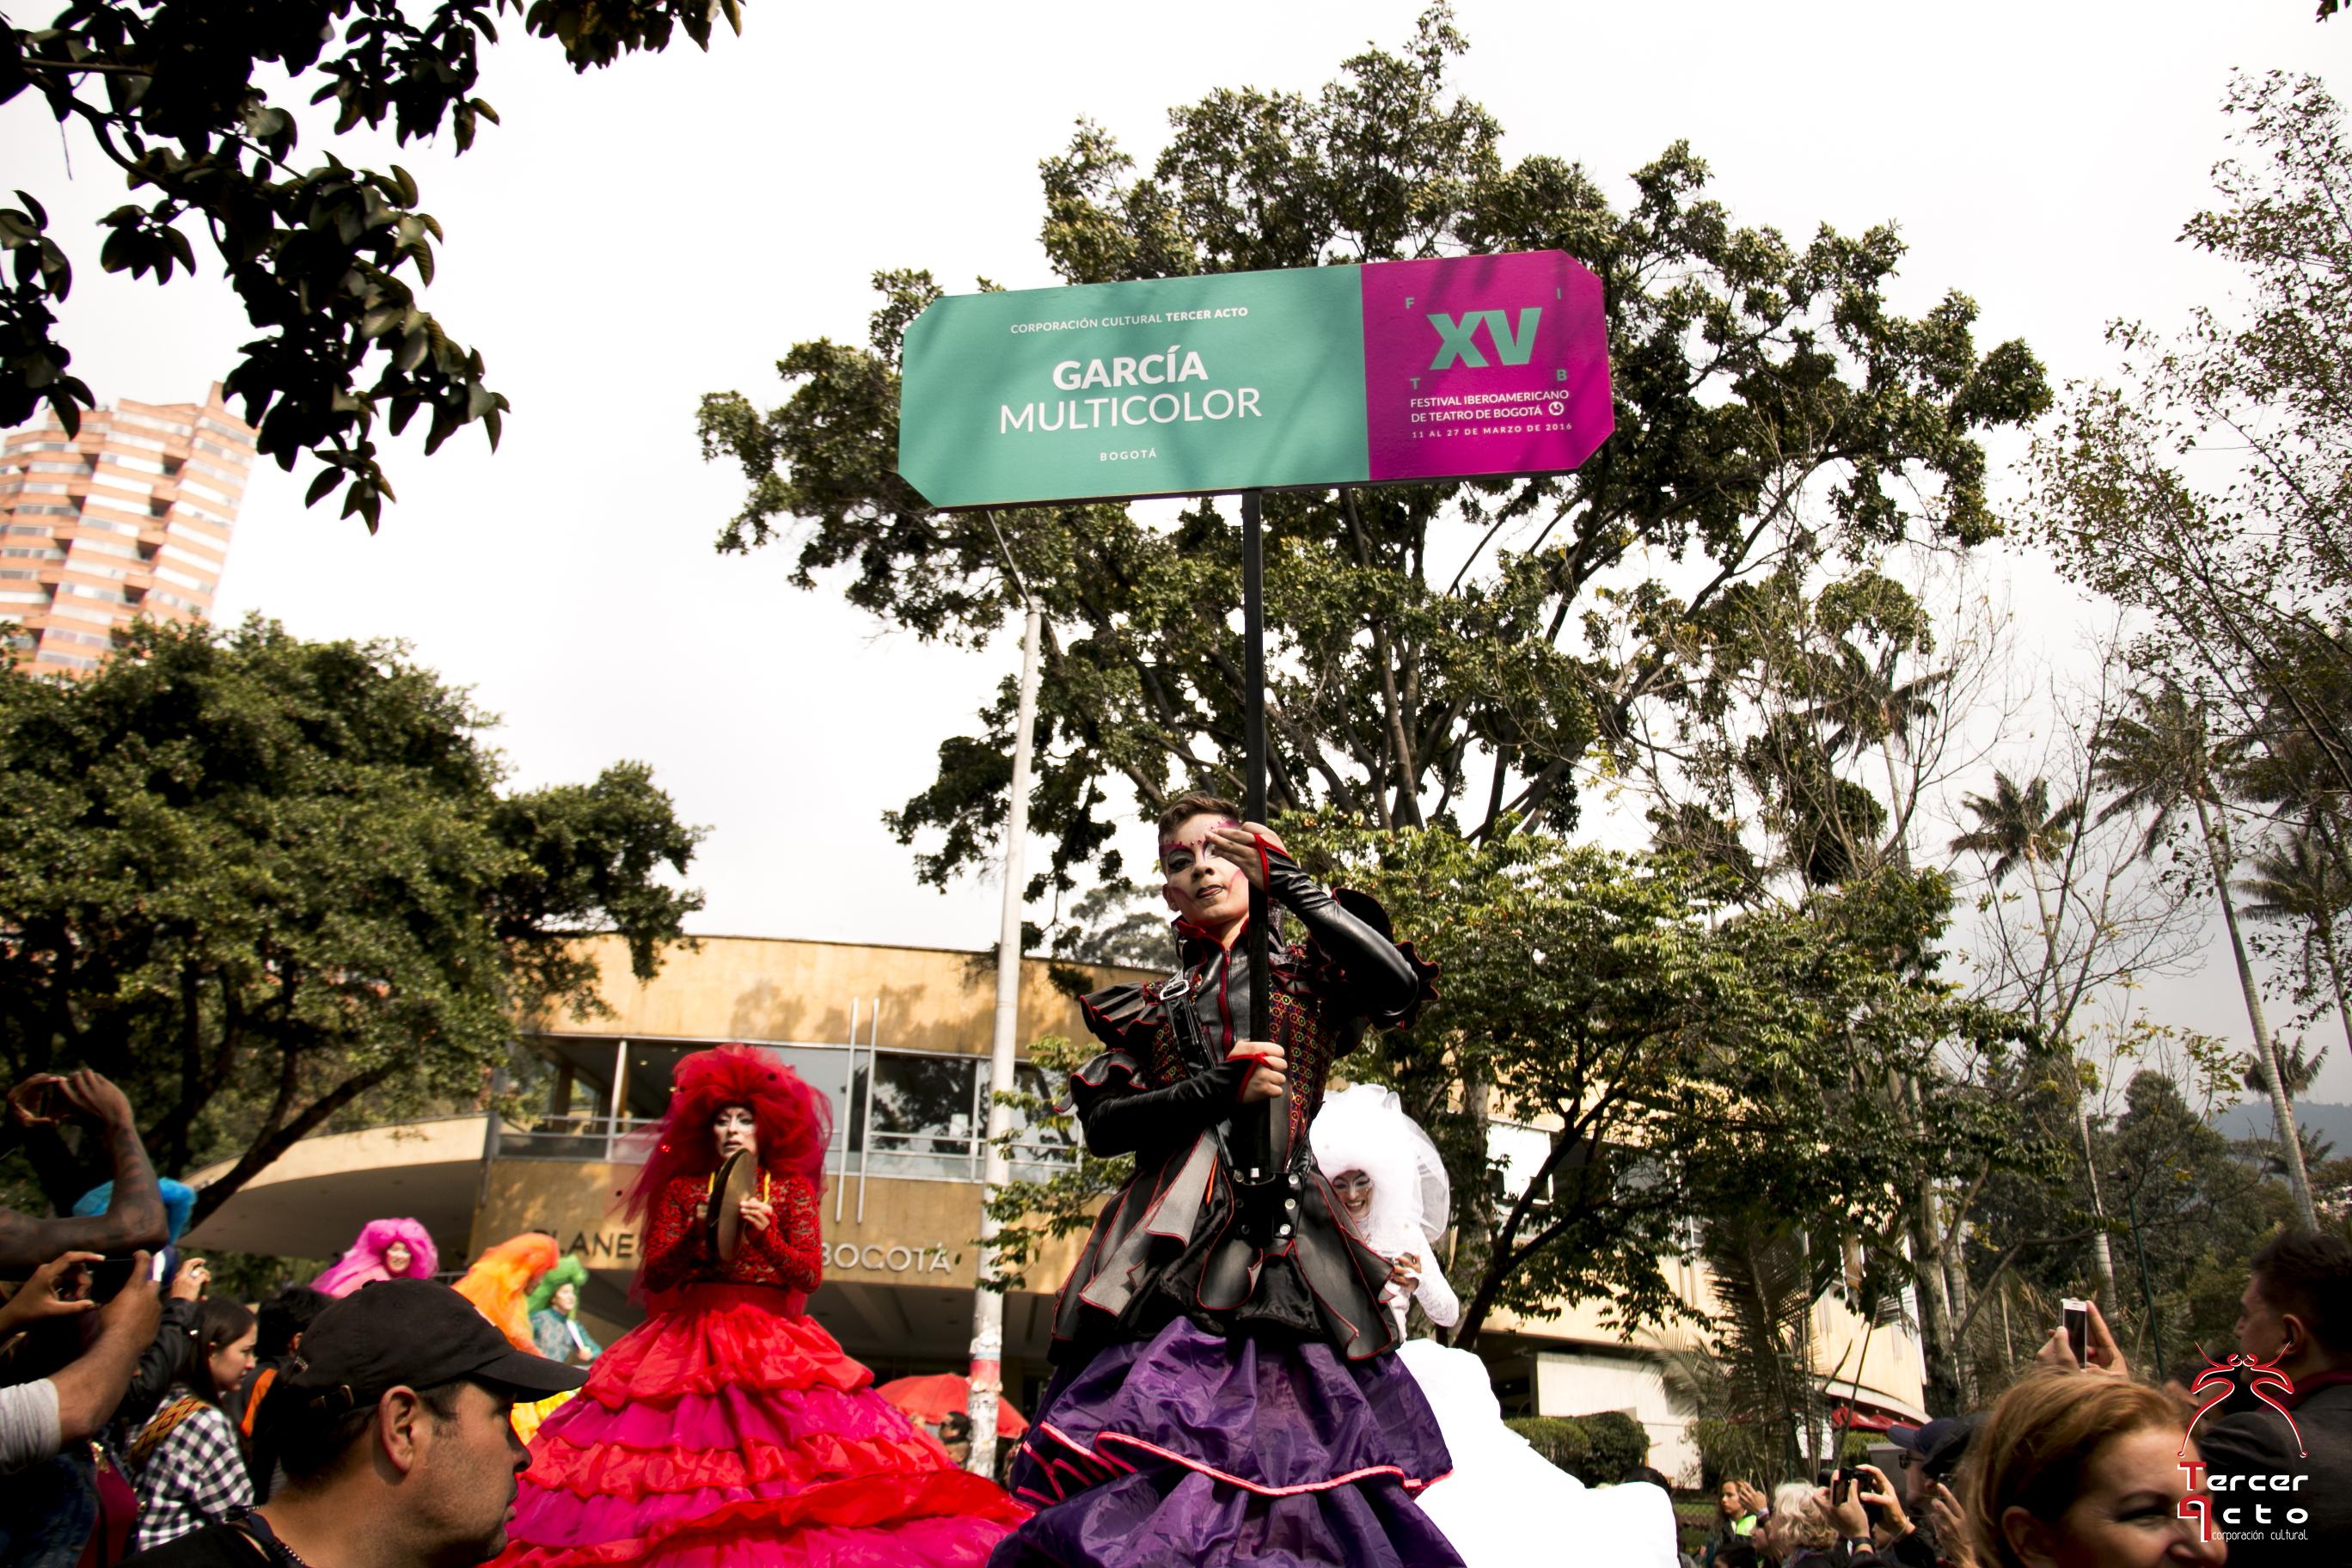 Garcia Multicolor